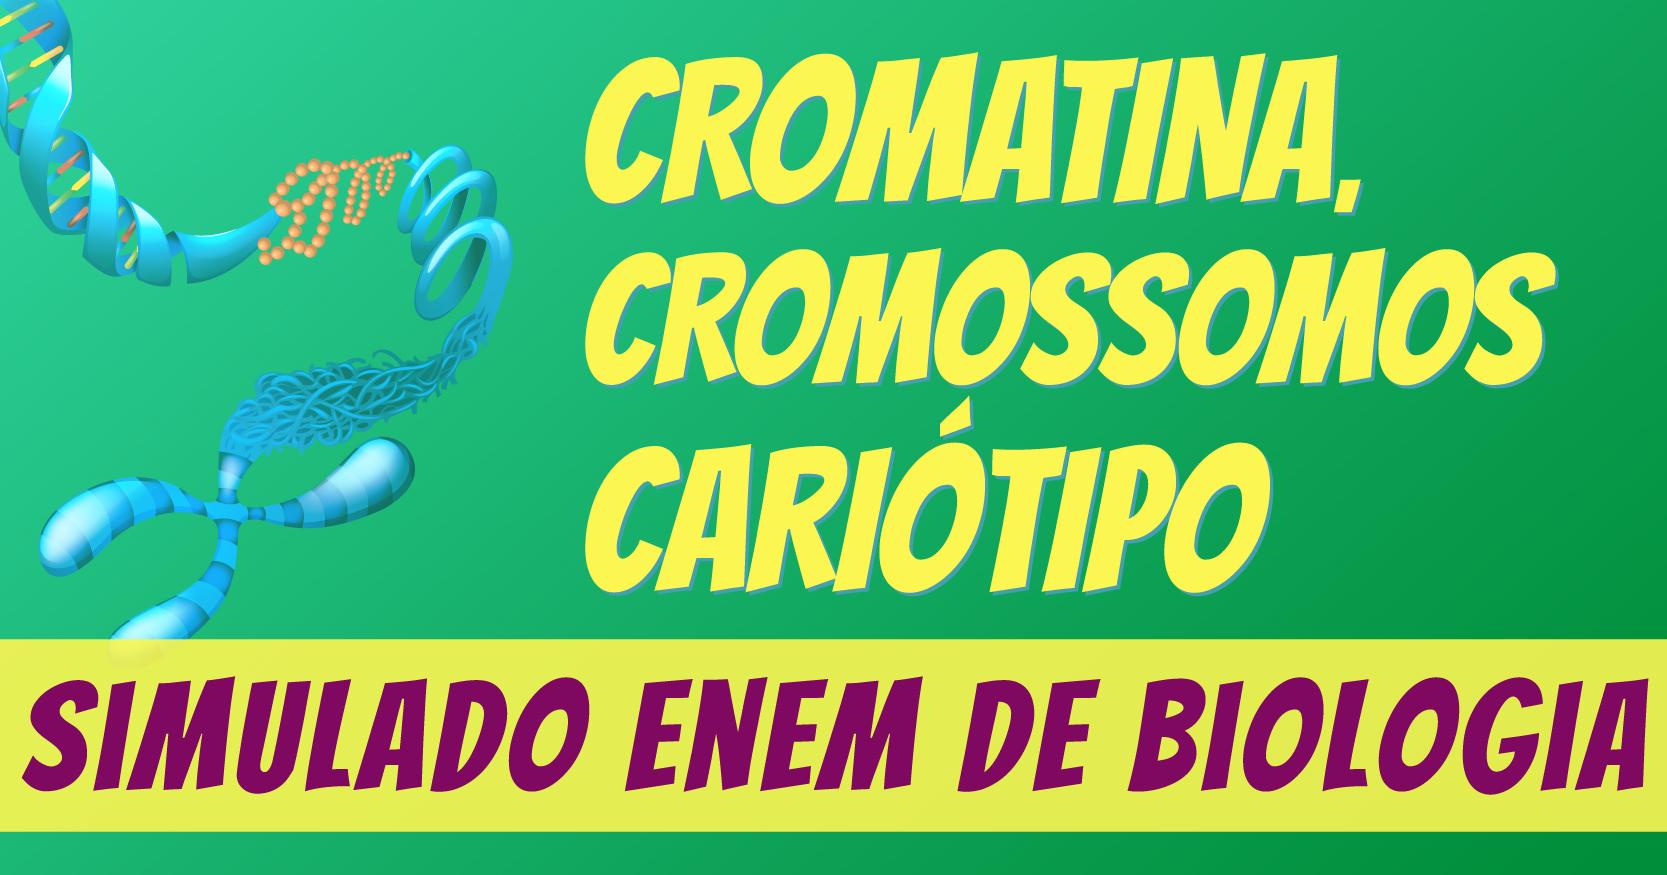 simulado de cromatina, cromossomos e cariótipo